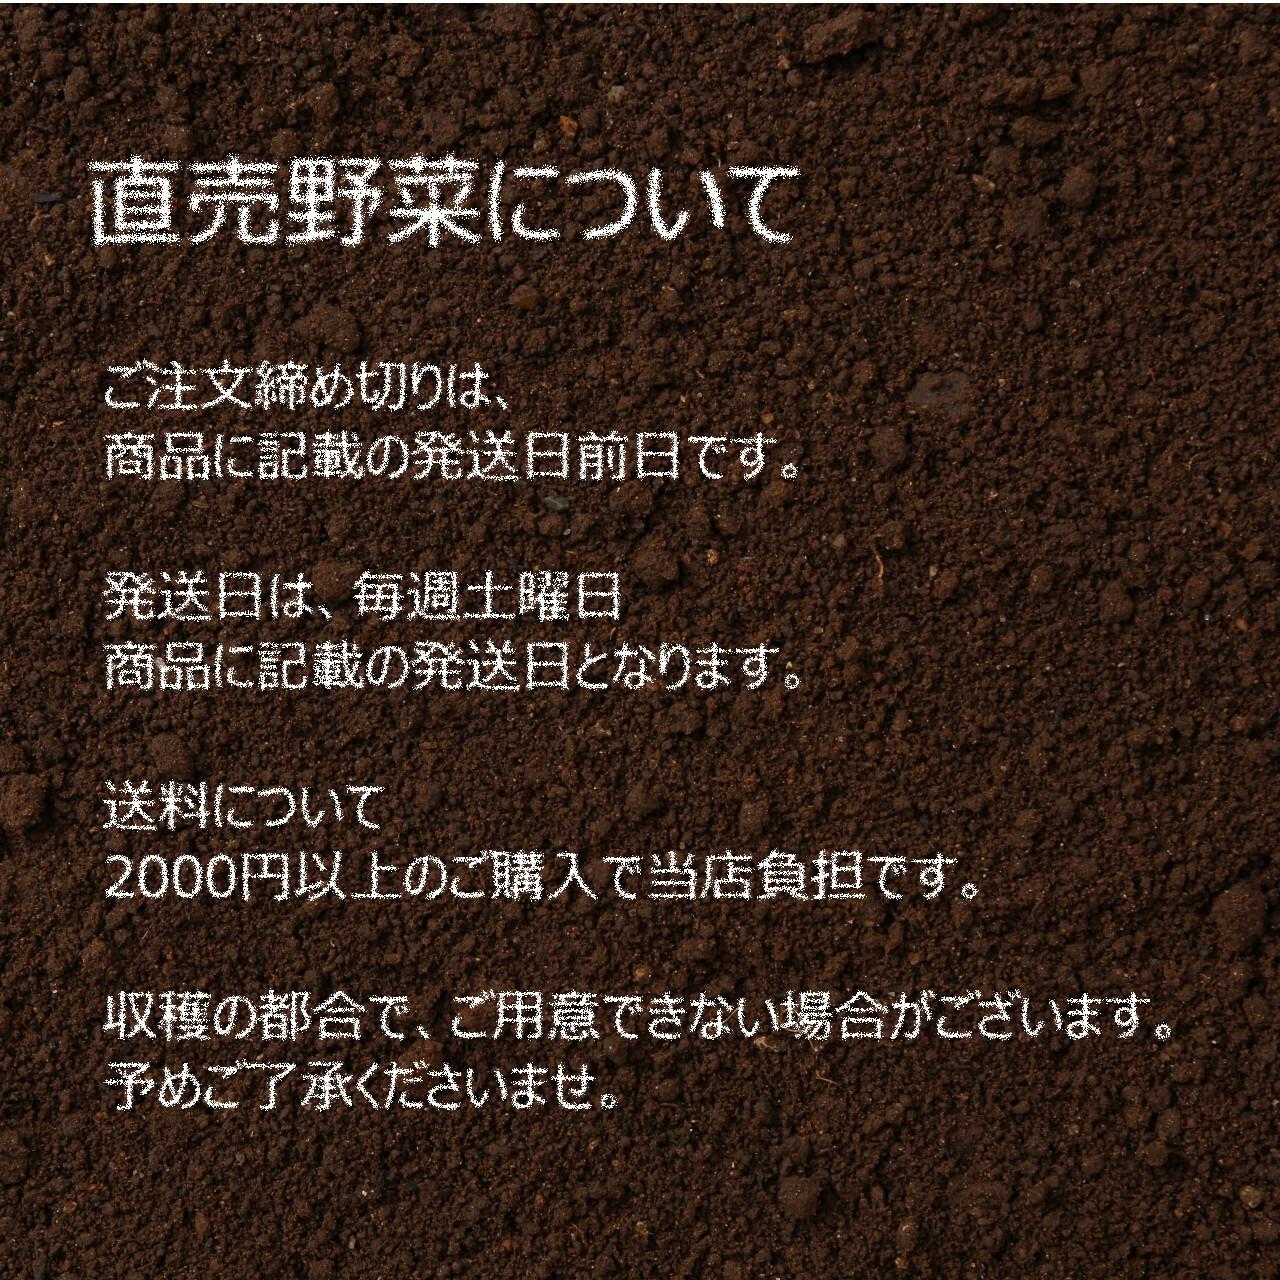 チンゲン菜 約180g前後 2~4株: 5月の朝採り直売野菜 春の新鮮野菜  5月9日発送予定